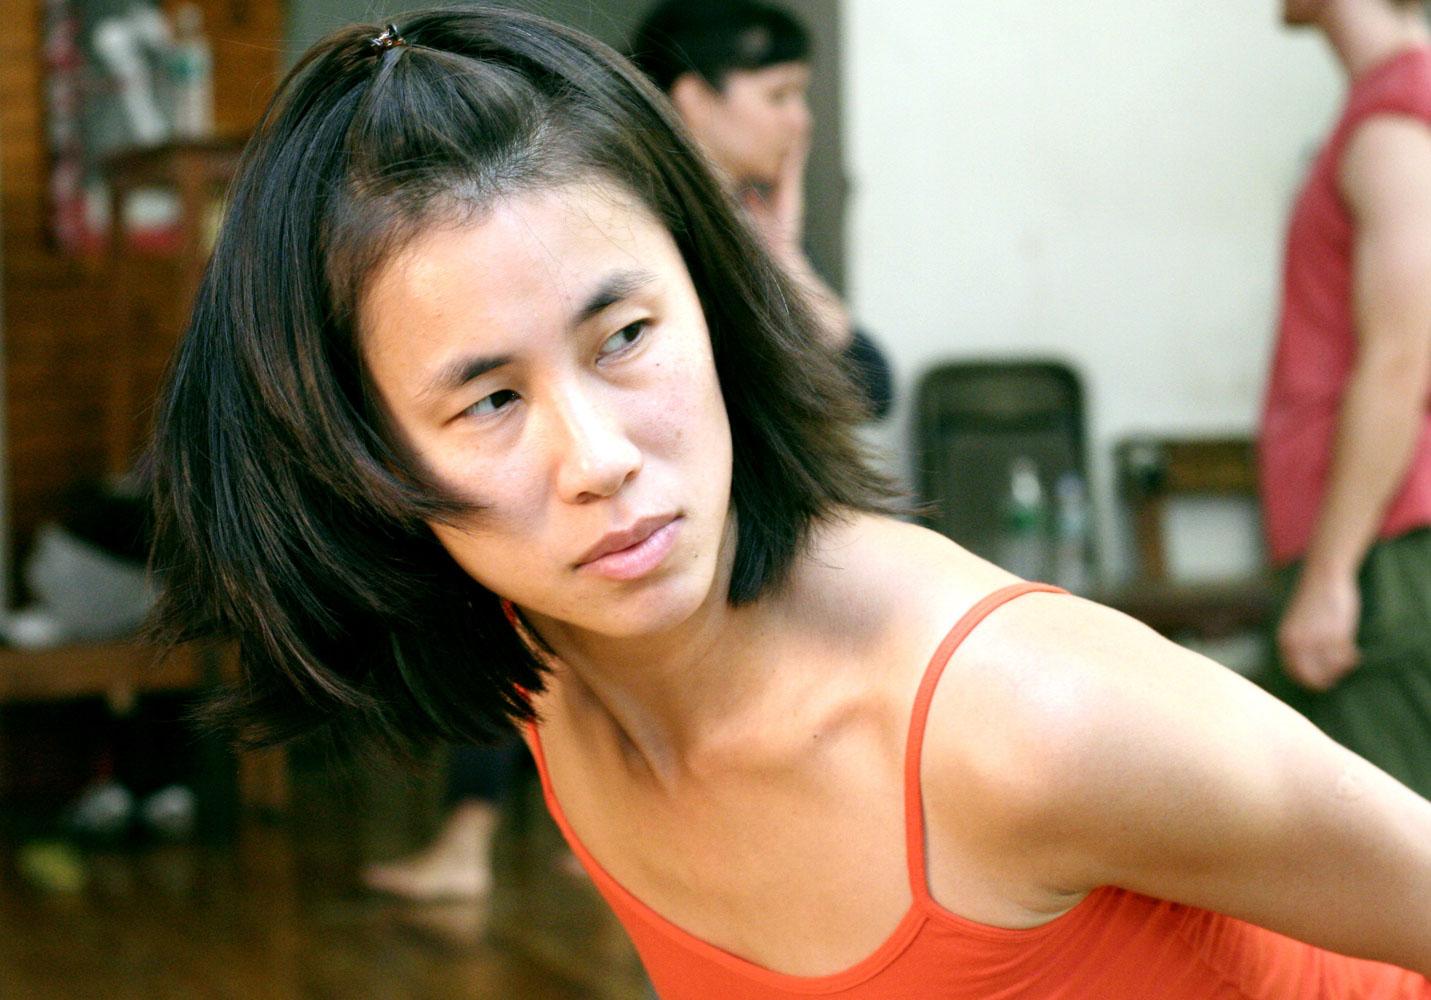 Adriane Fang